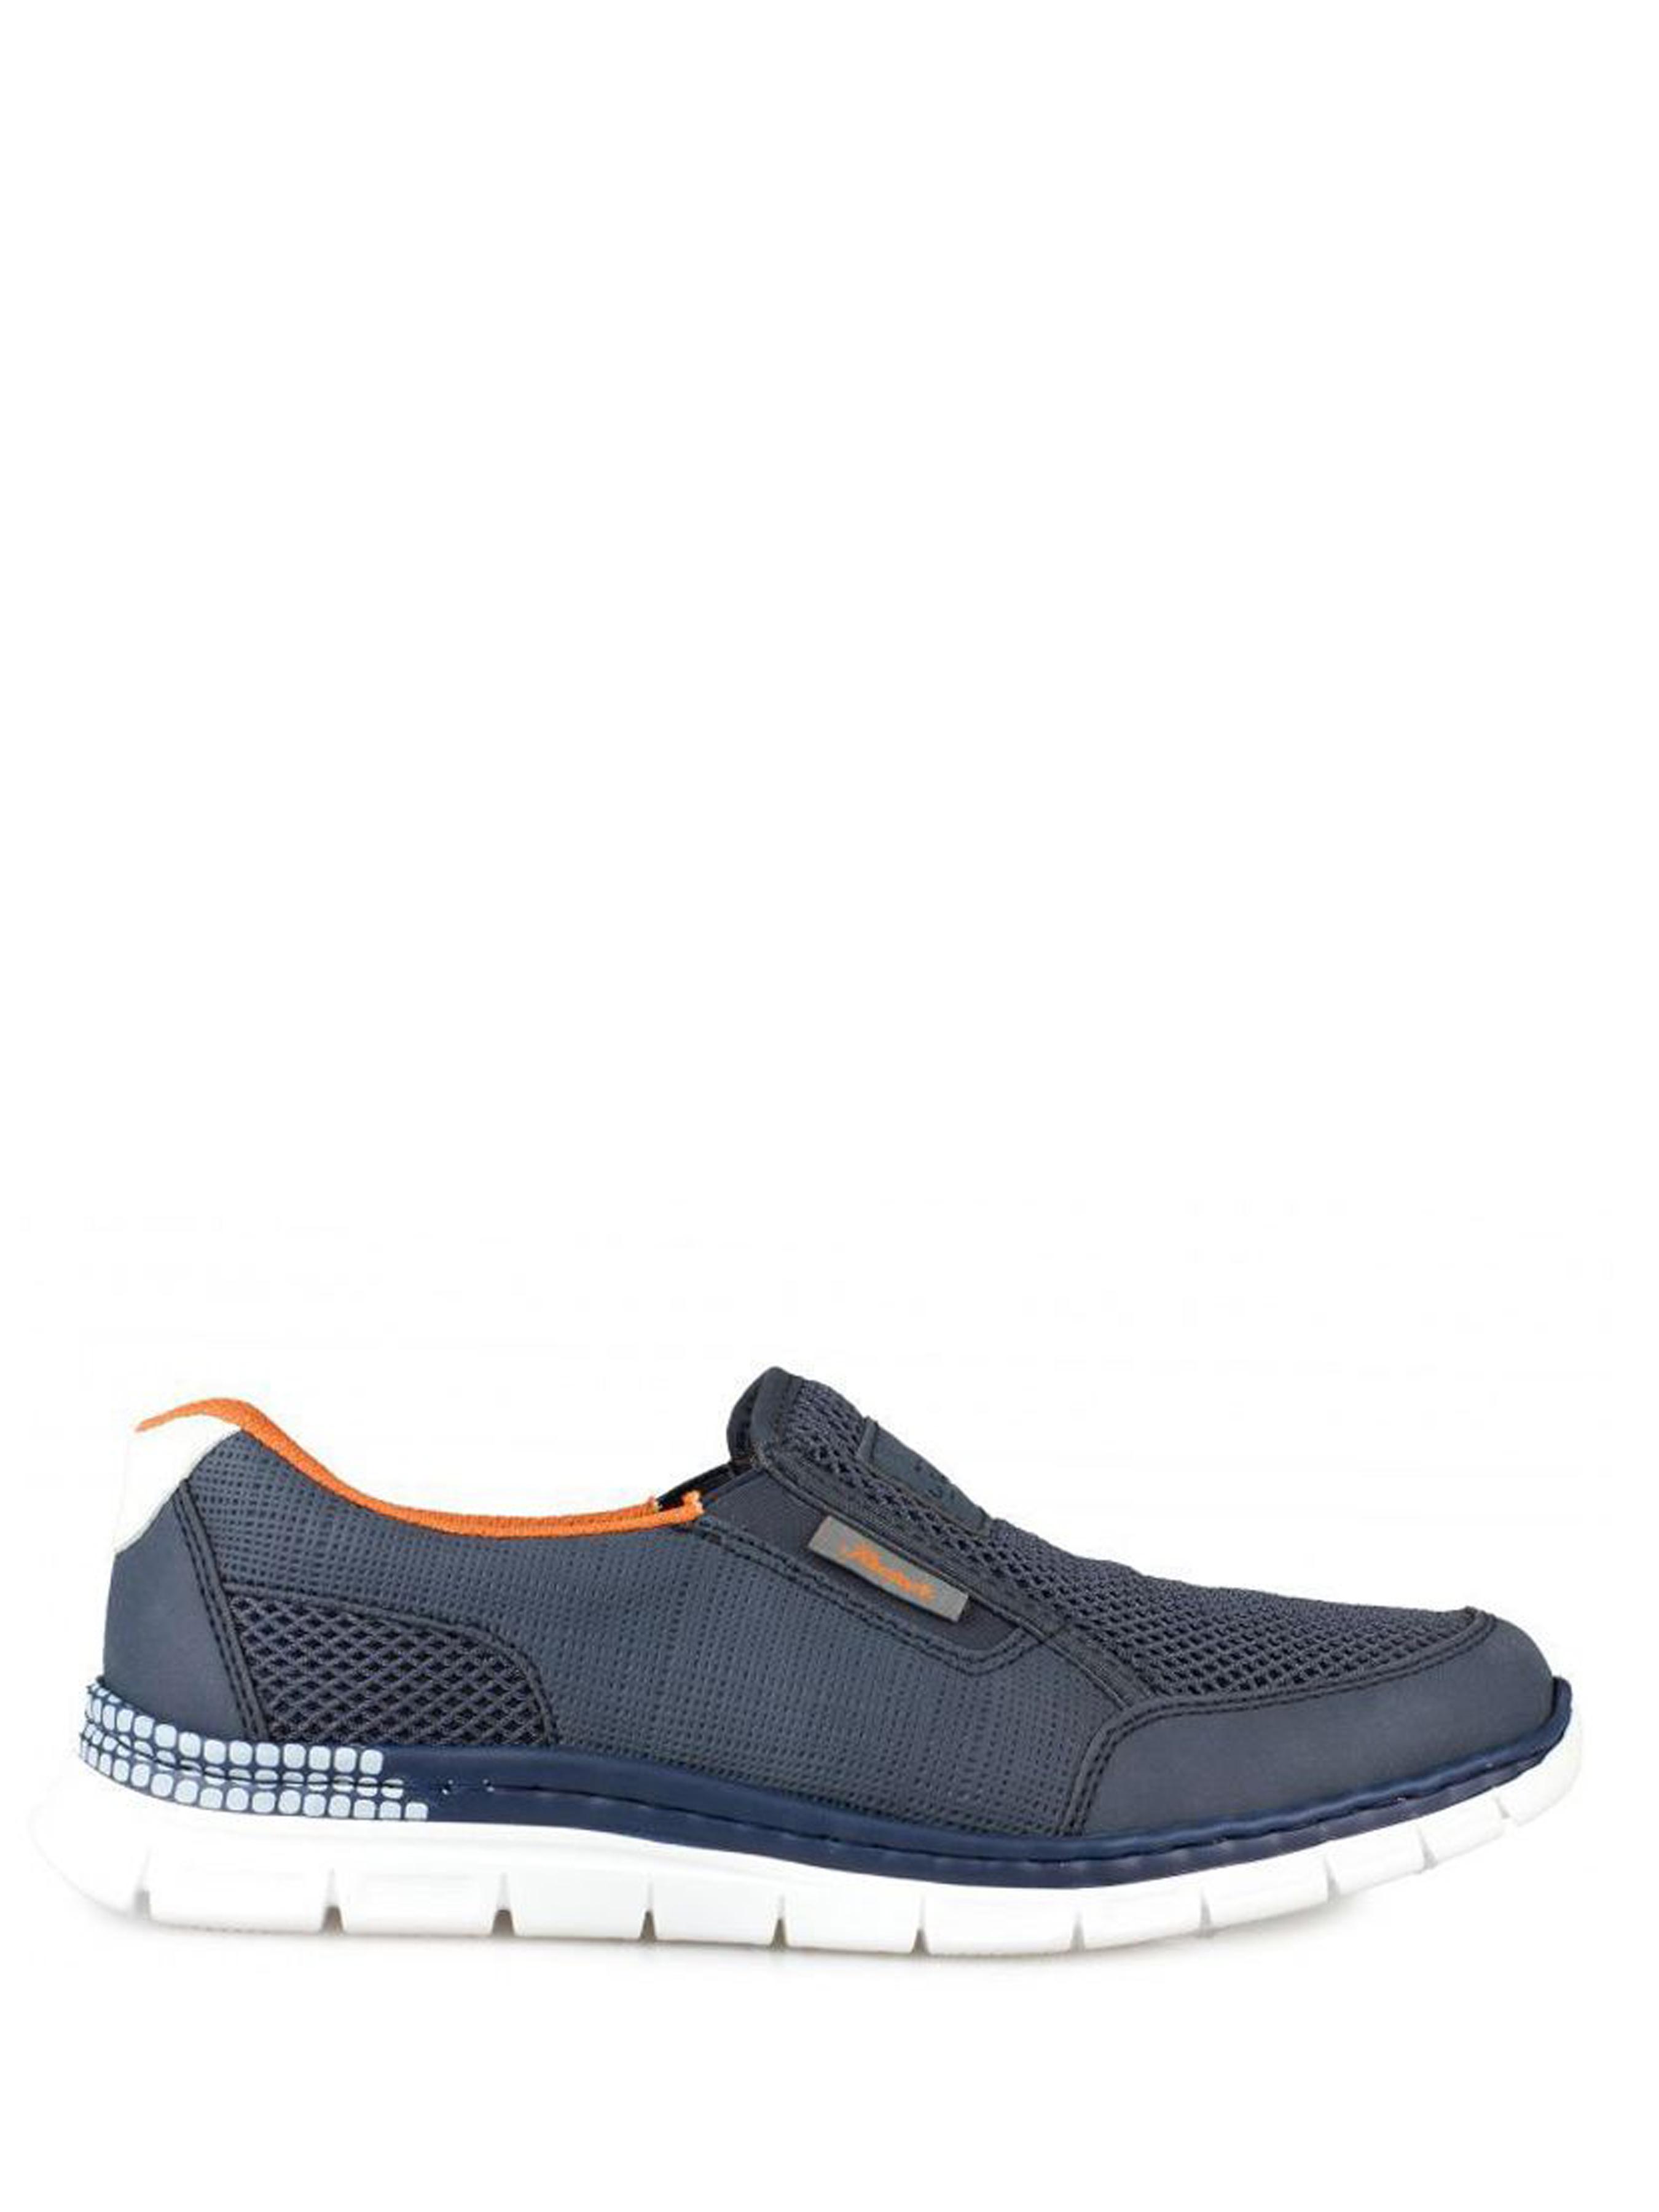 Полуботинки для мужчин RIEKER RK594 купить обувь, 2017